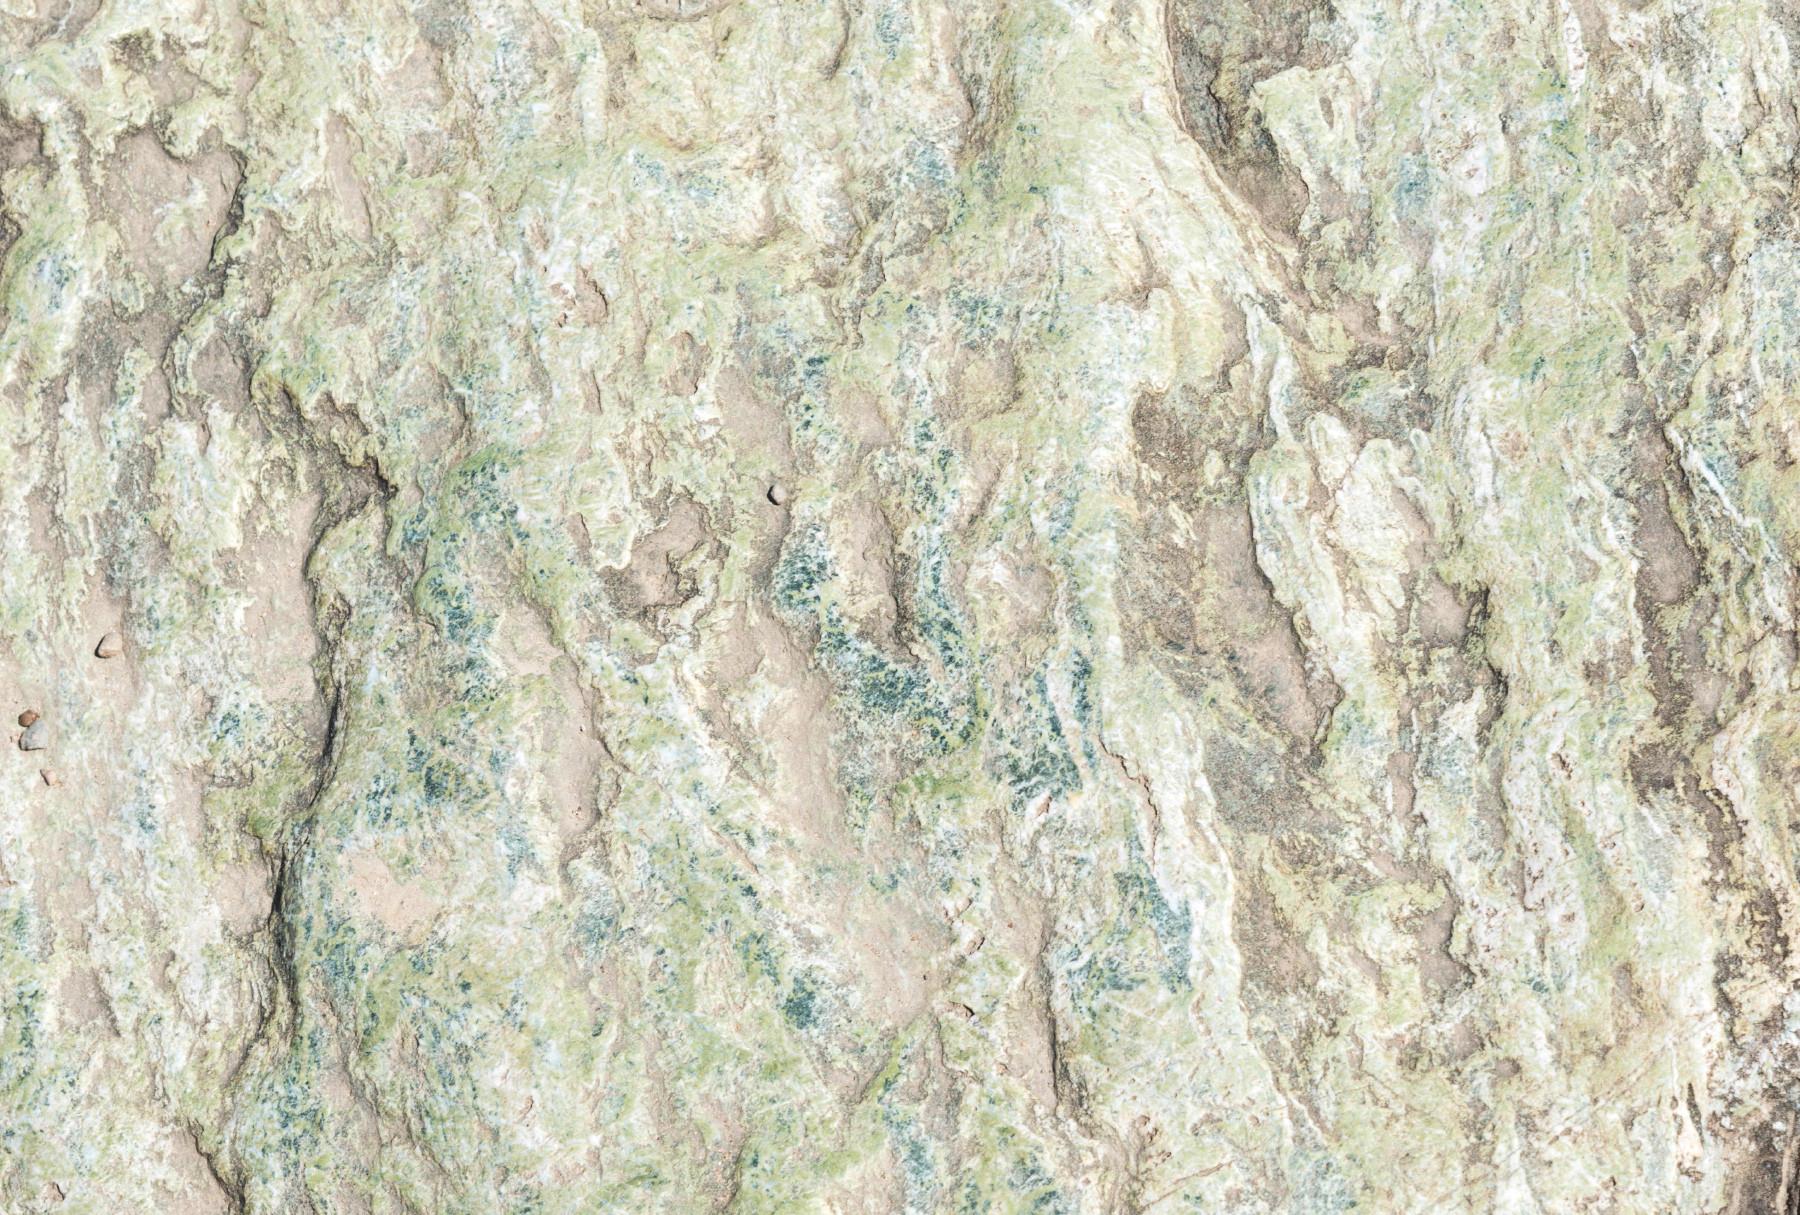 Stones01-17.jpg